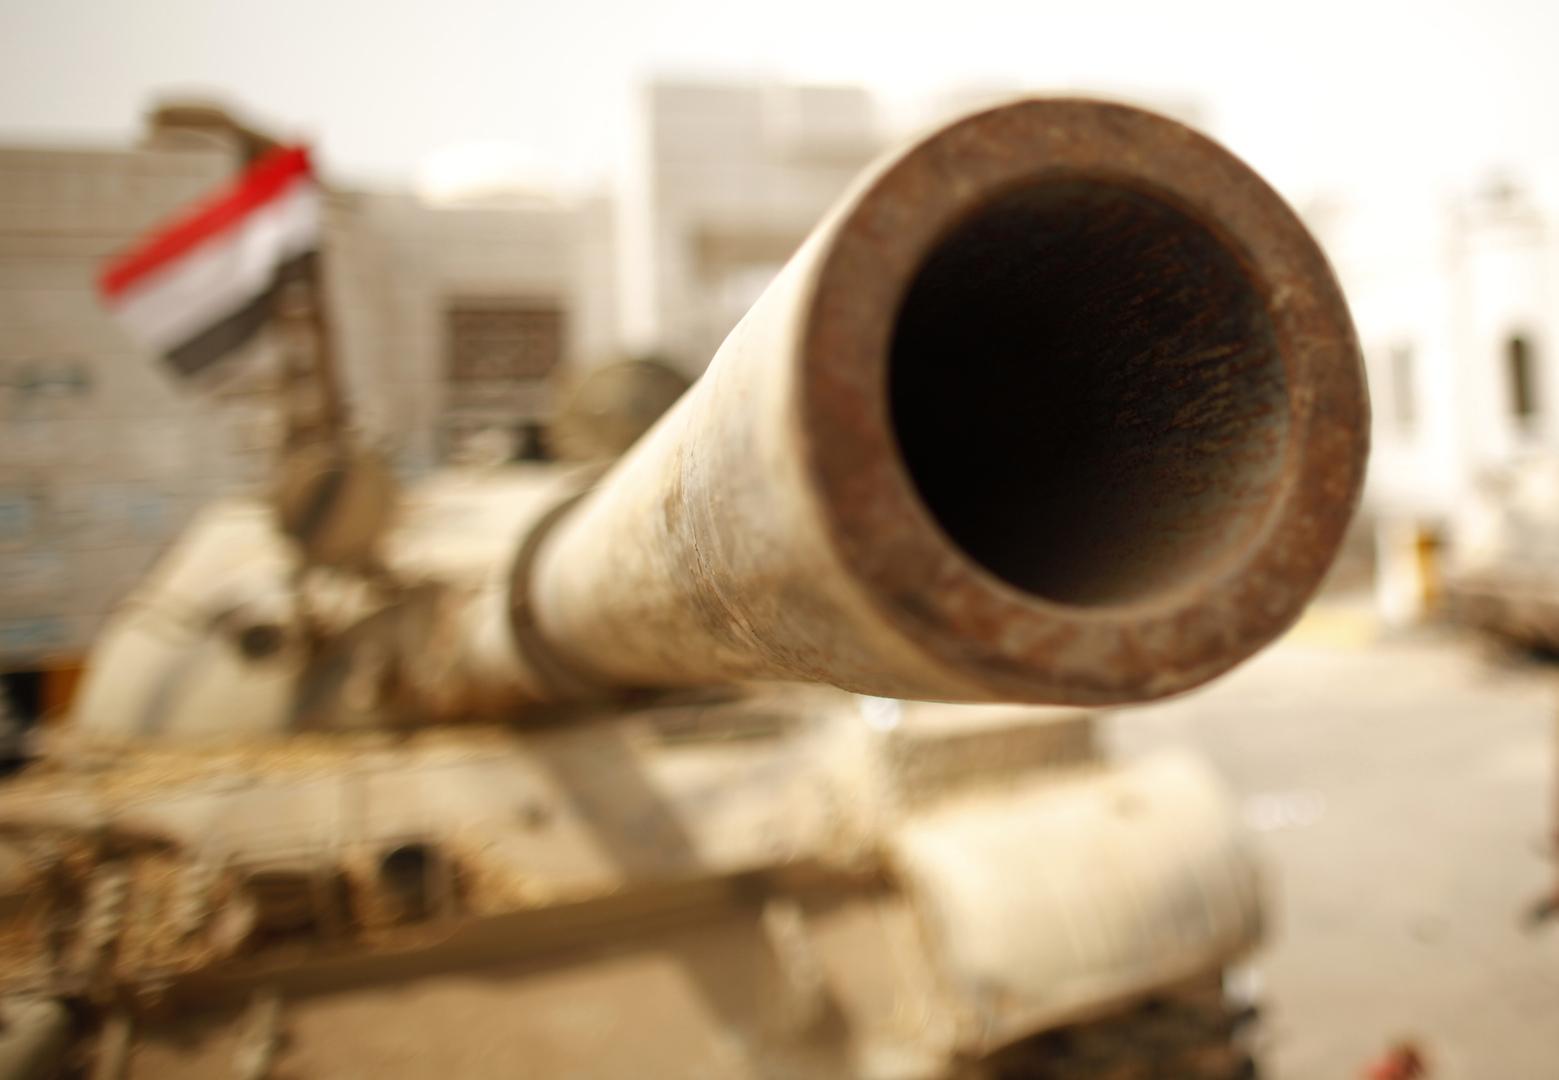 دبابة تابعة للقوات اليمنية المعترف بها دوليا